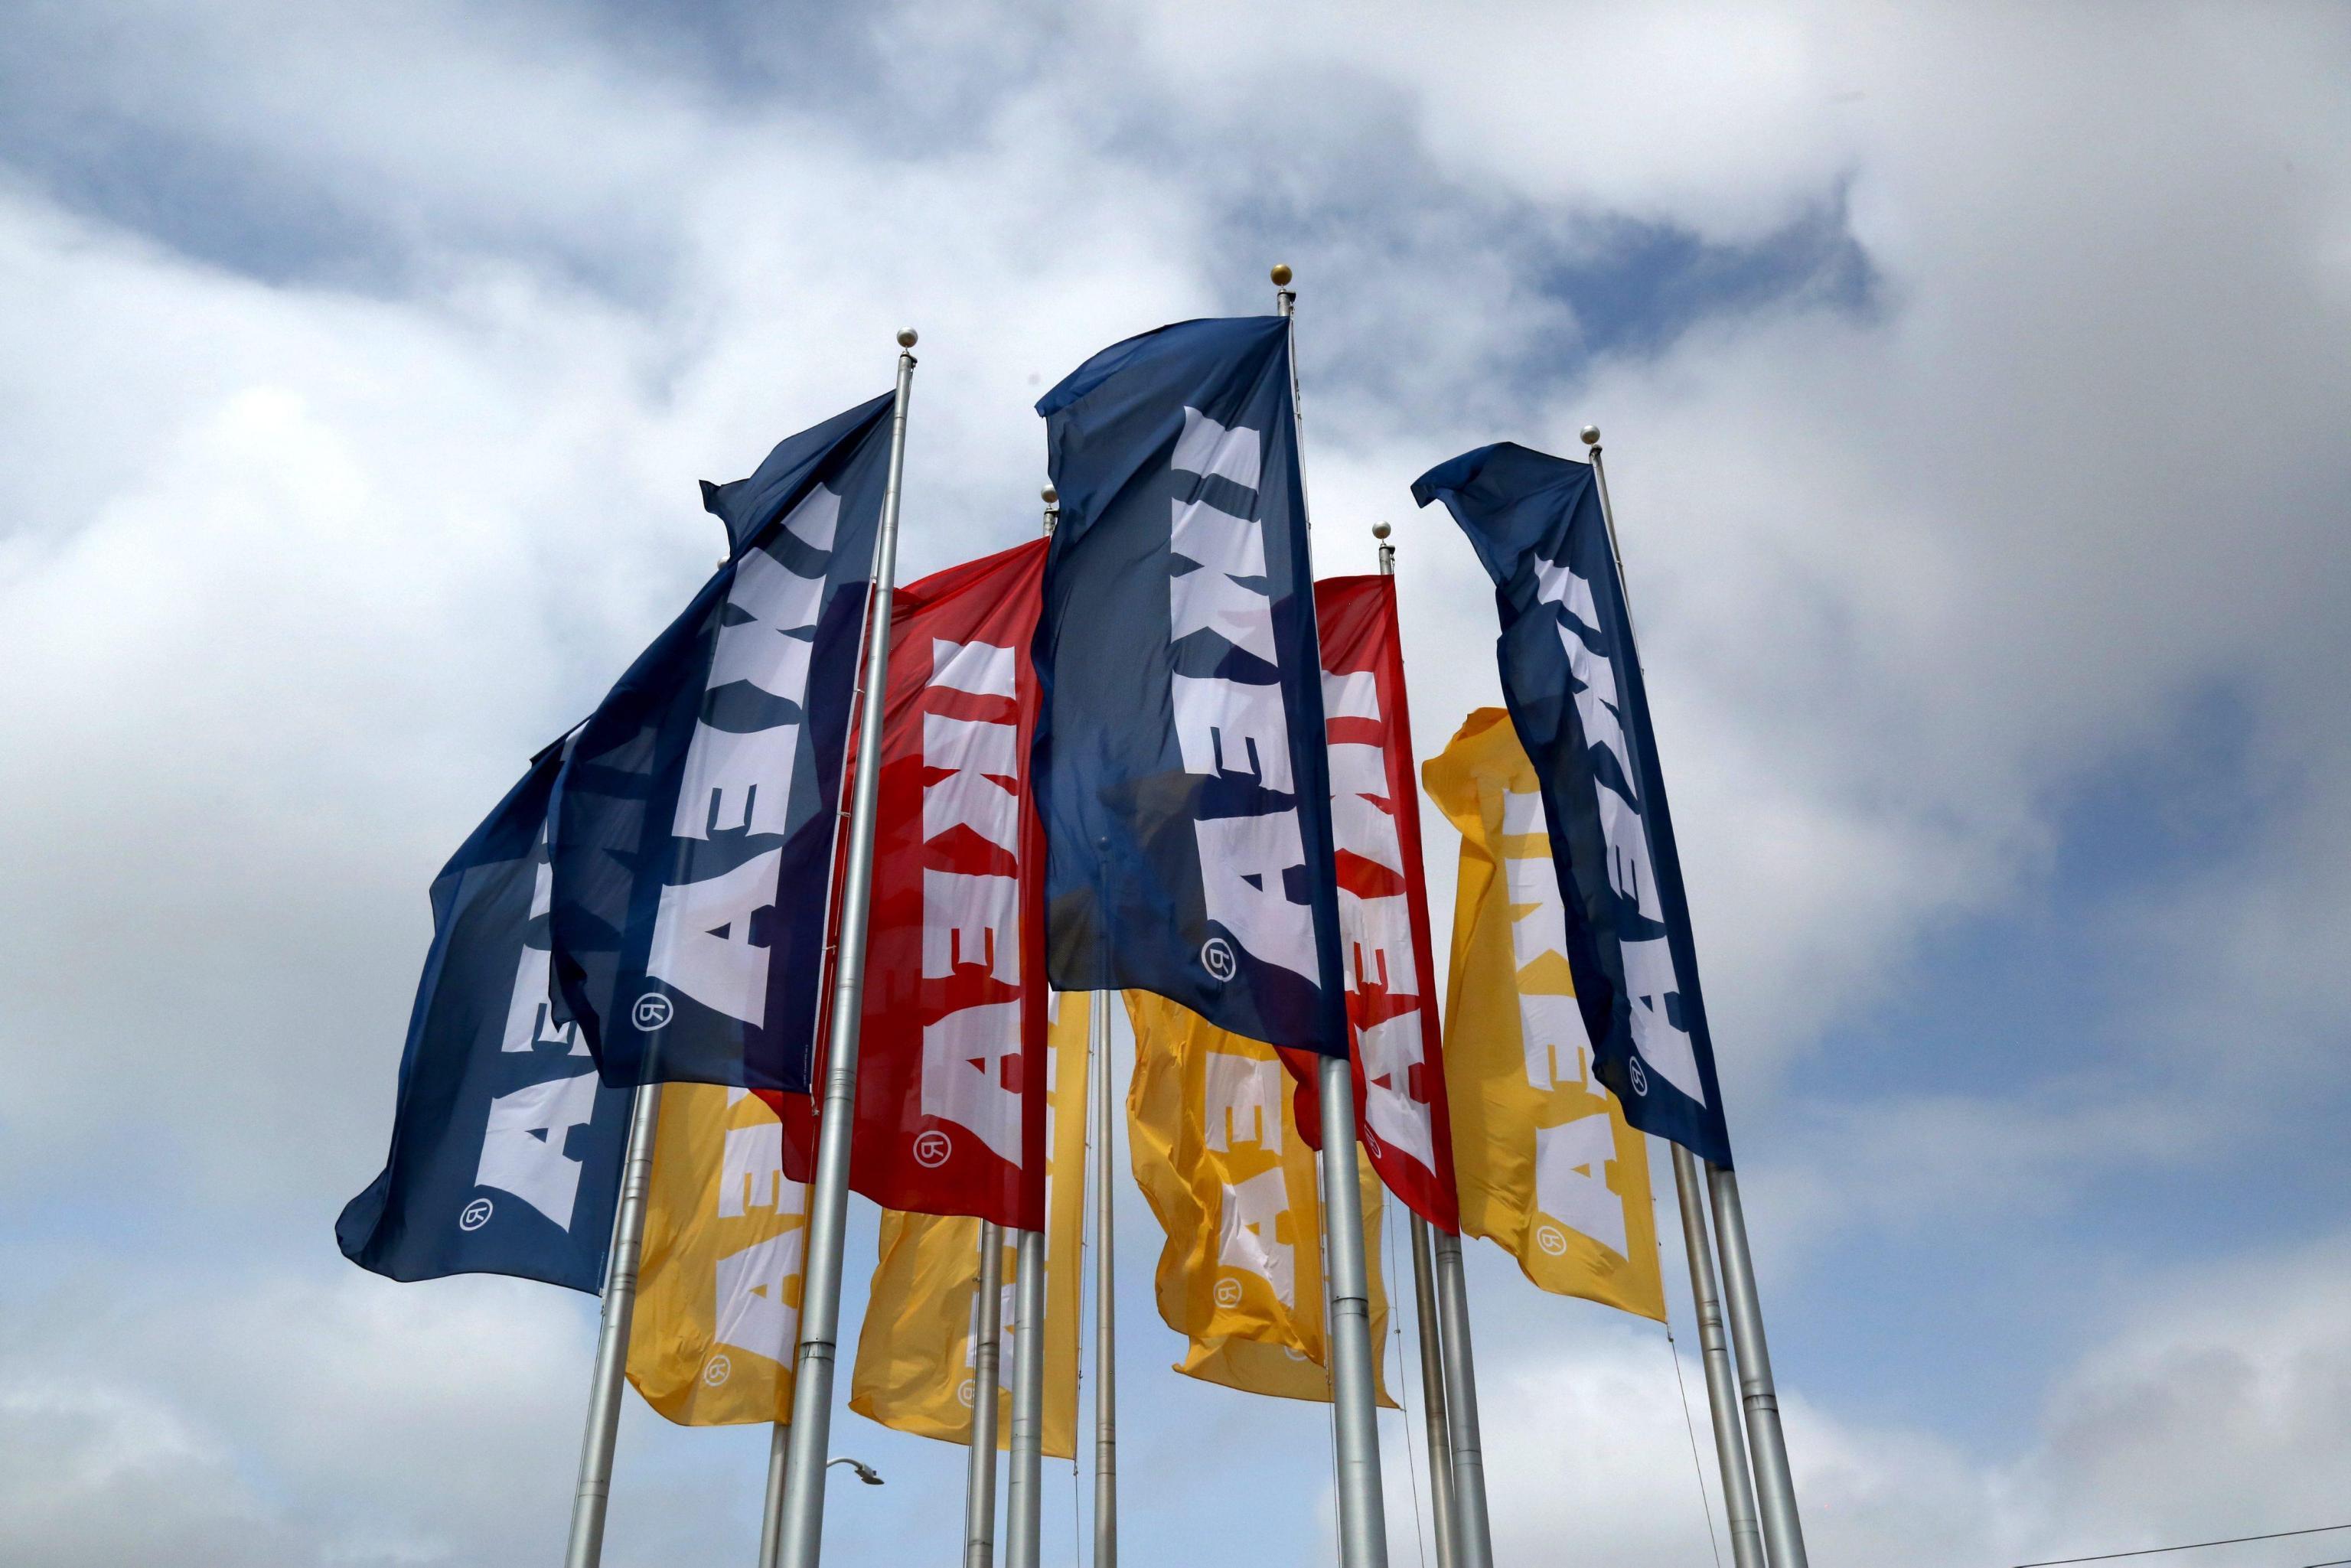 Ikea ritira dal mercato le caramelle Godis Påskkyckling: rischio contaminazione topi